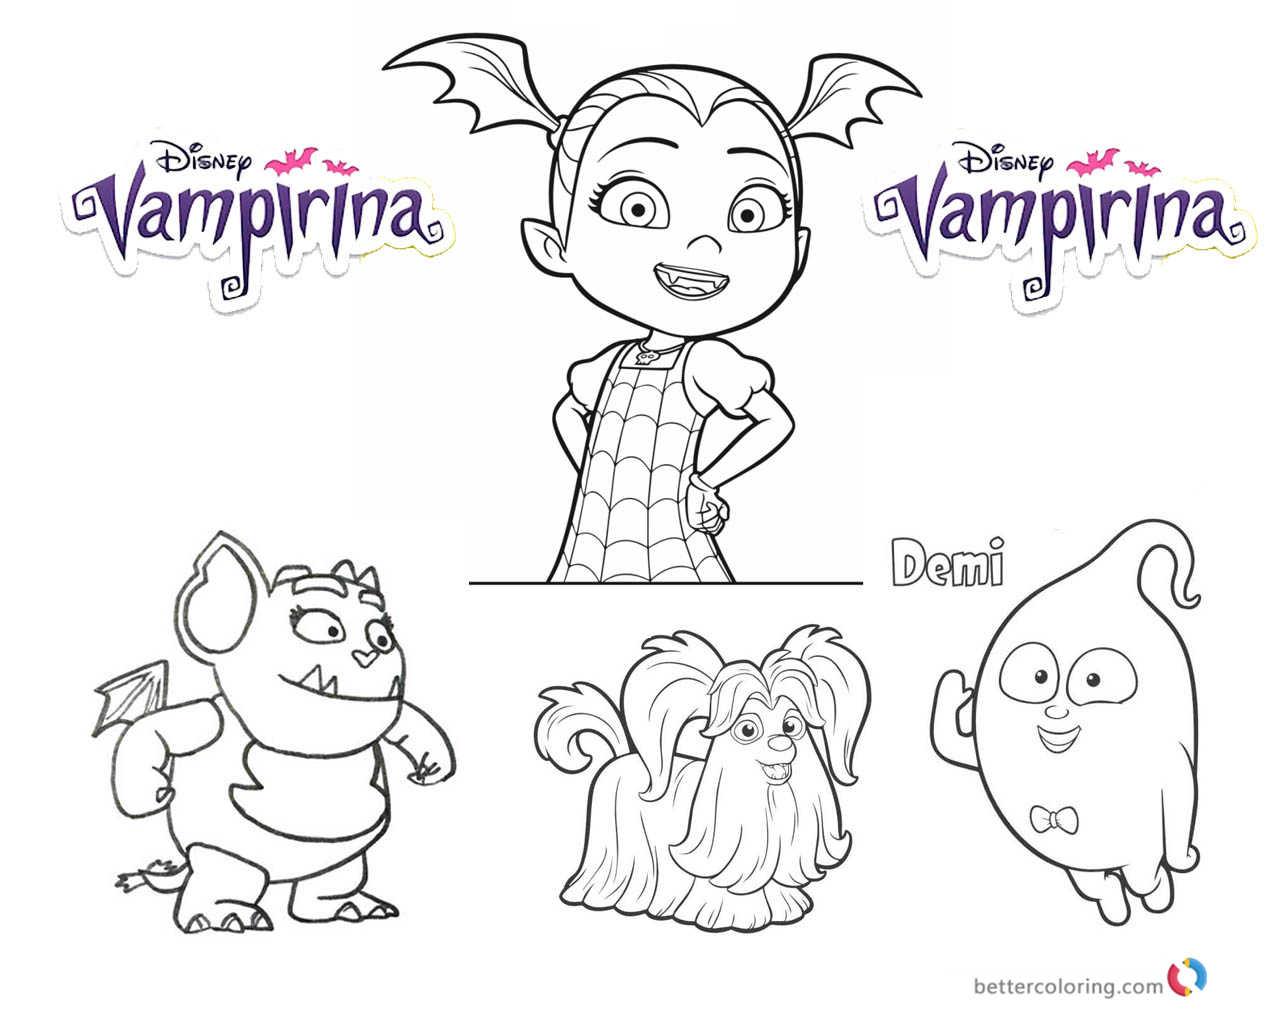 Cozy Vampirina Coloring Pages Vampirina And Cute